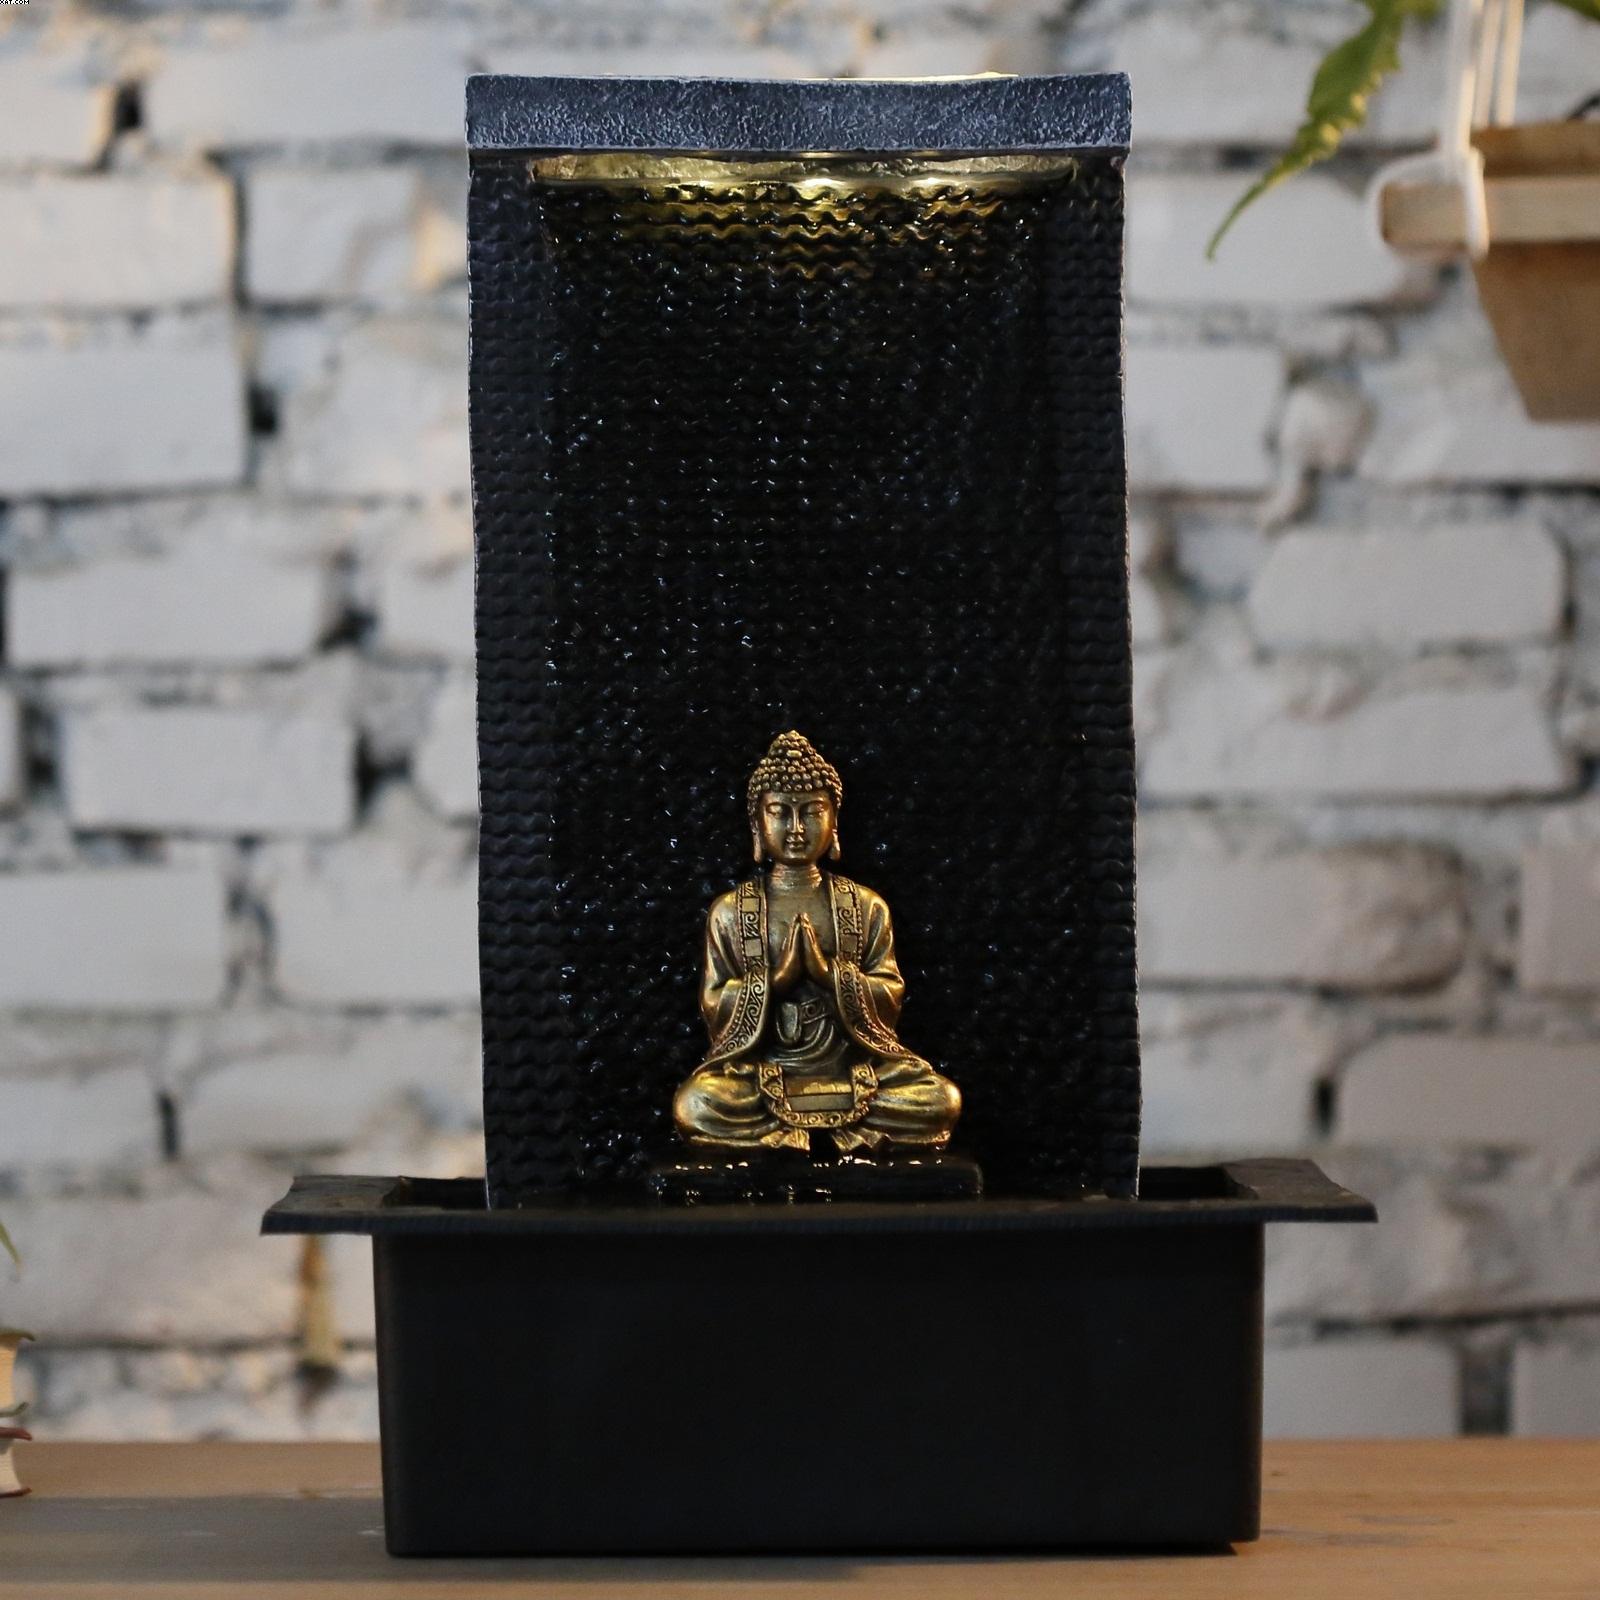 Fontaine Bouddha Zenitude pour Fontaine Bouddha